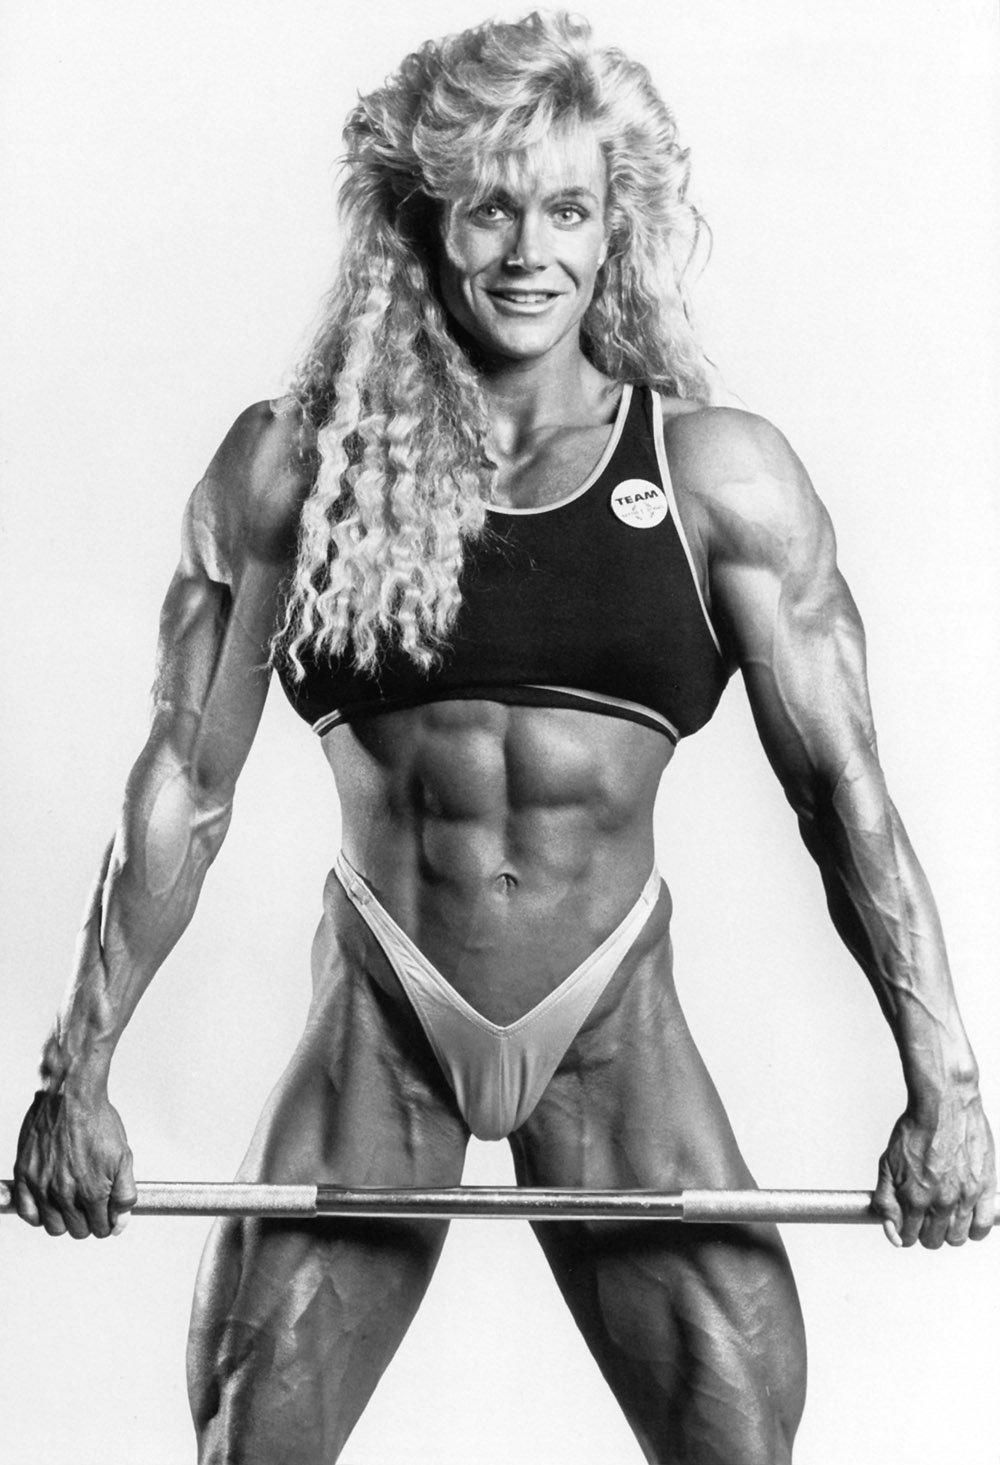 Girl Bodybuilder Nude